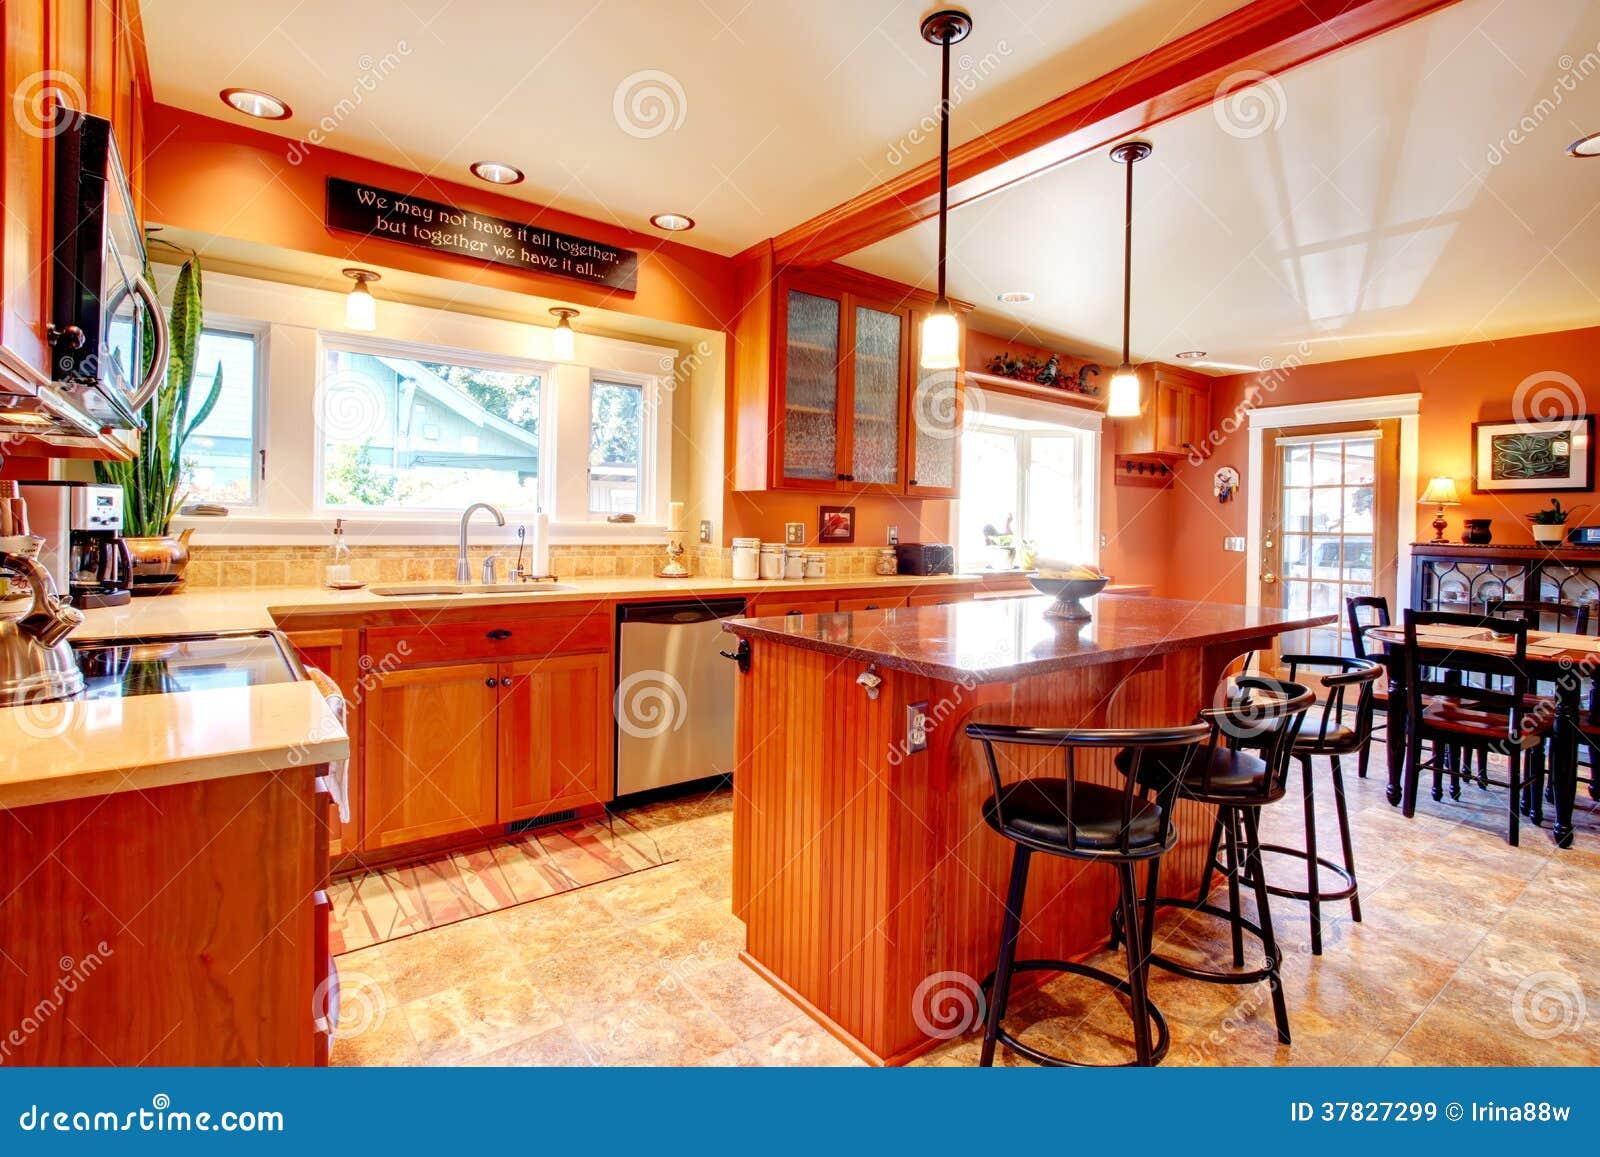 Idea del dise o para la cocina y el comedor for Comedor cocina de diseno